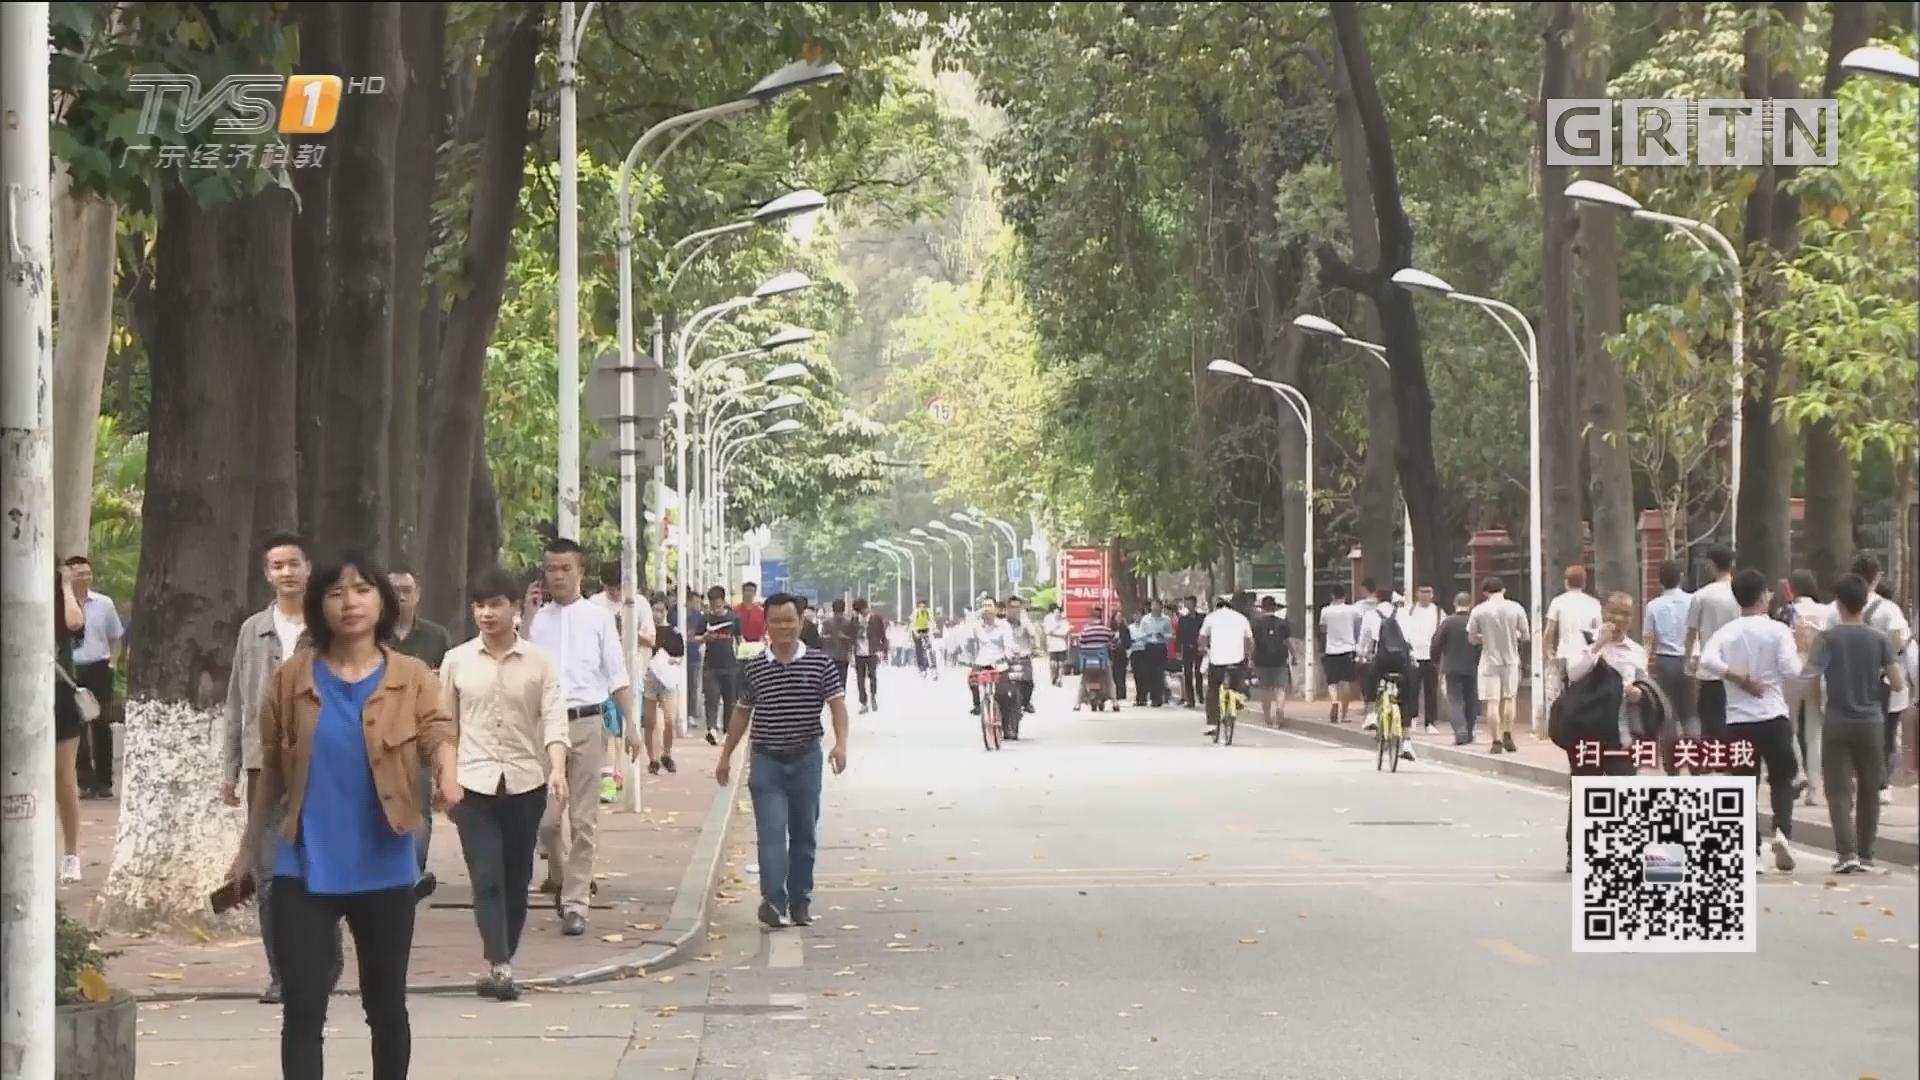 新闻追踪:山寨培训机构冒充官方 上千名教师被骗